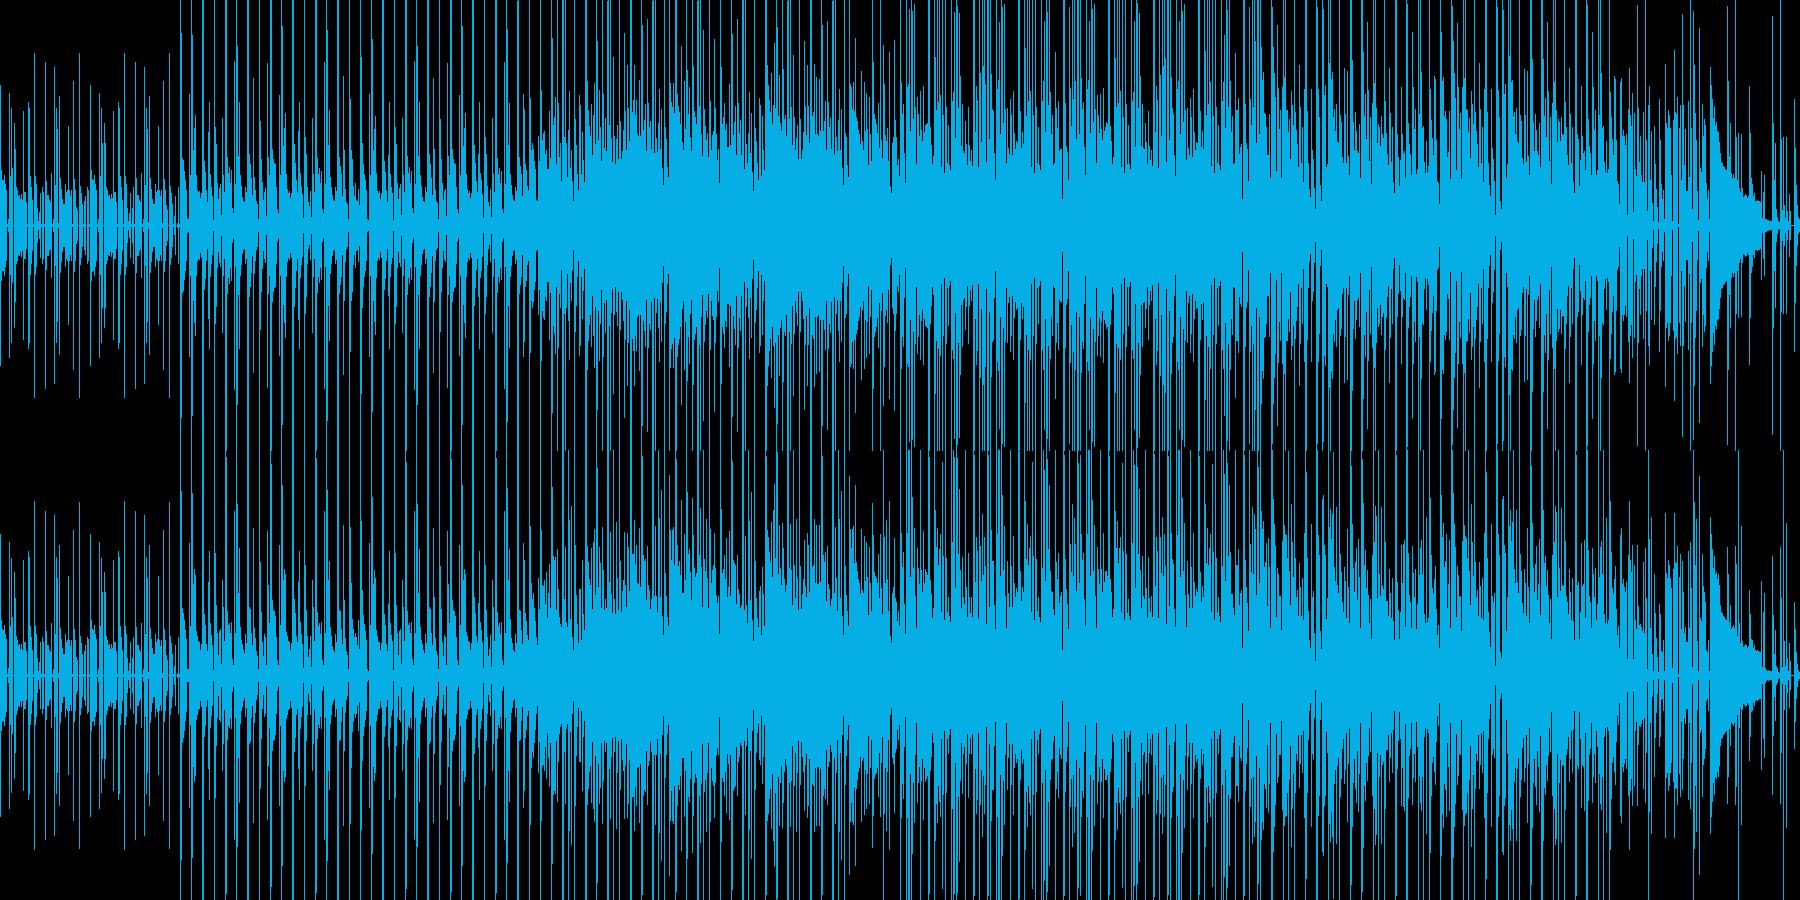 カッティングギターが特徴のファンクの再生済みの波形